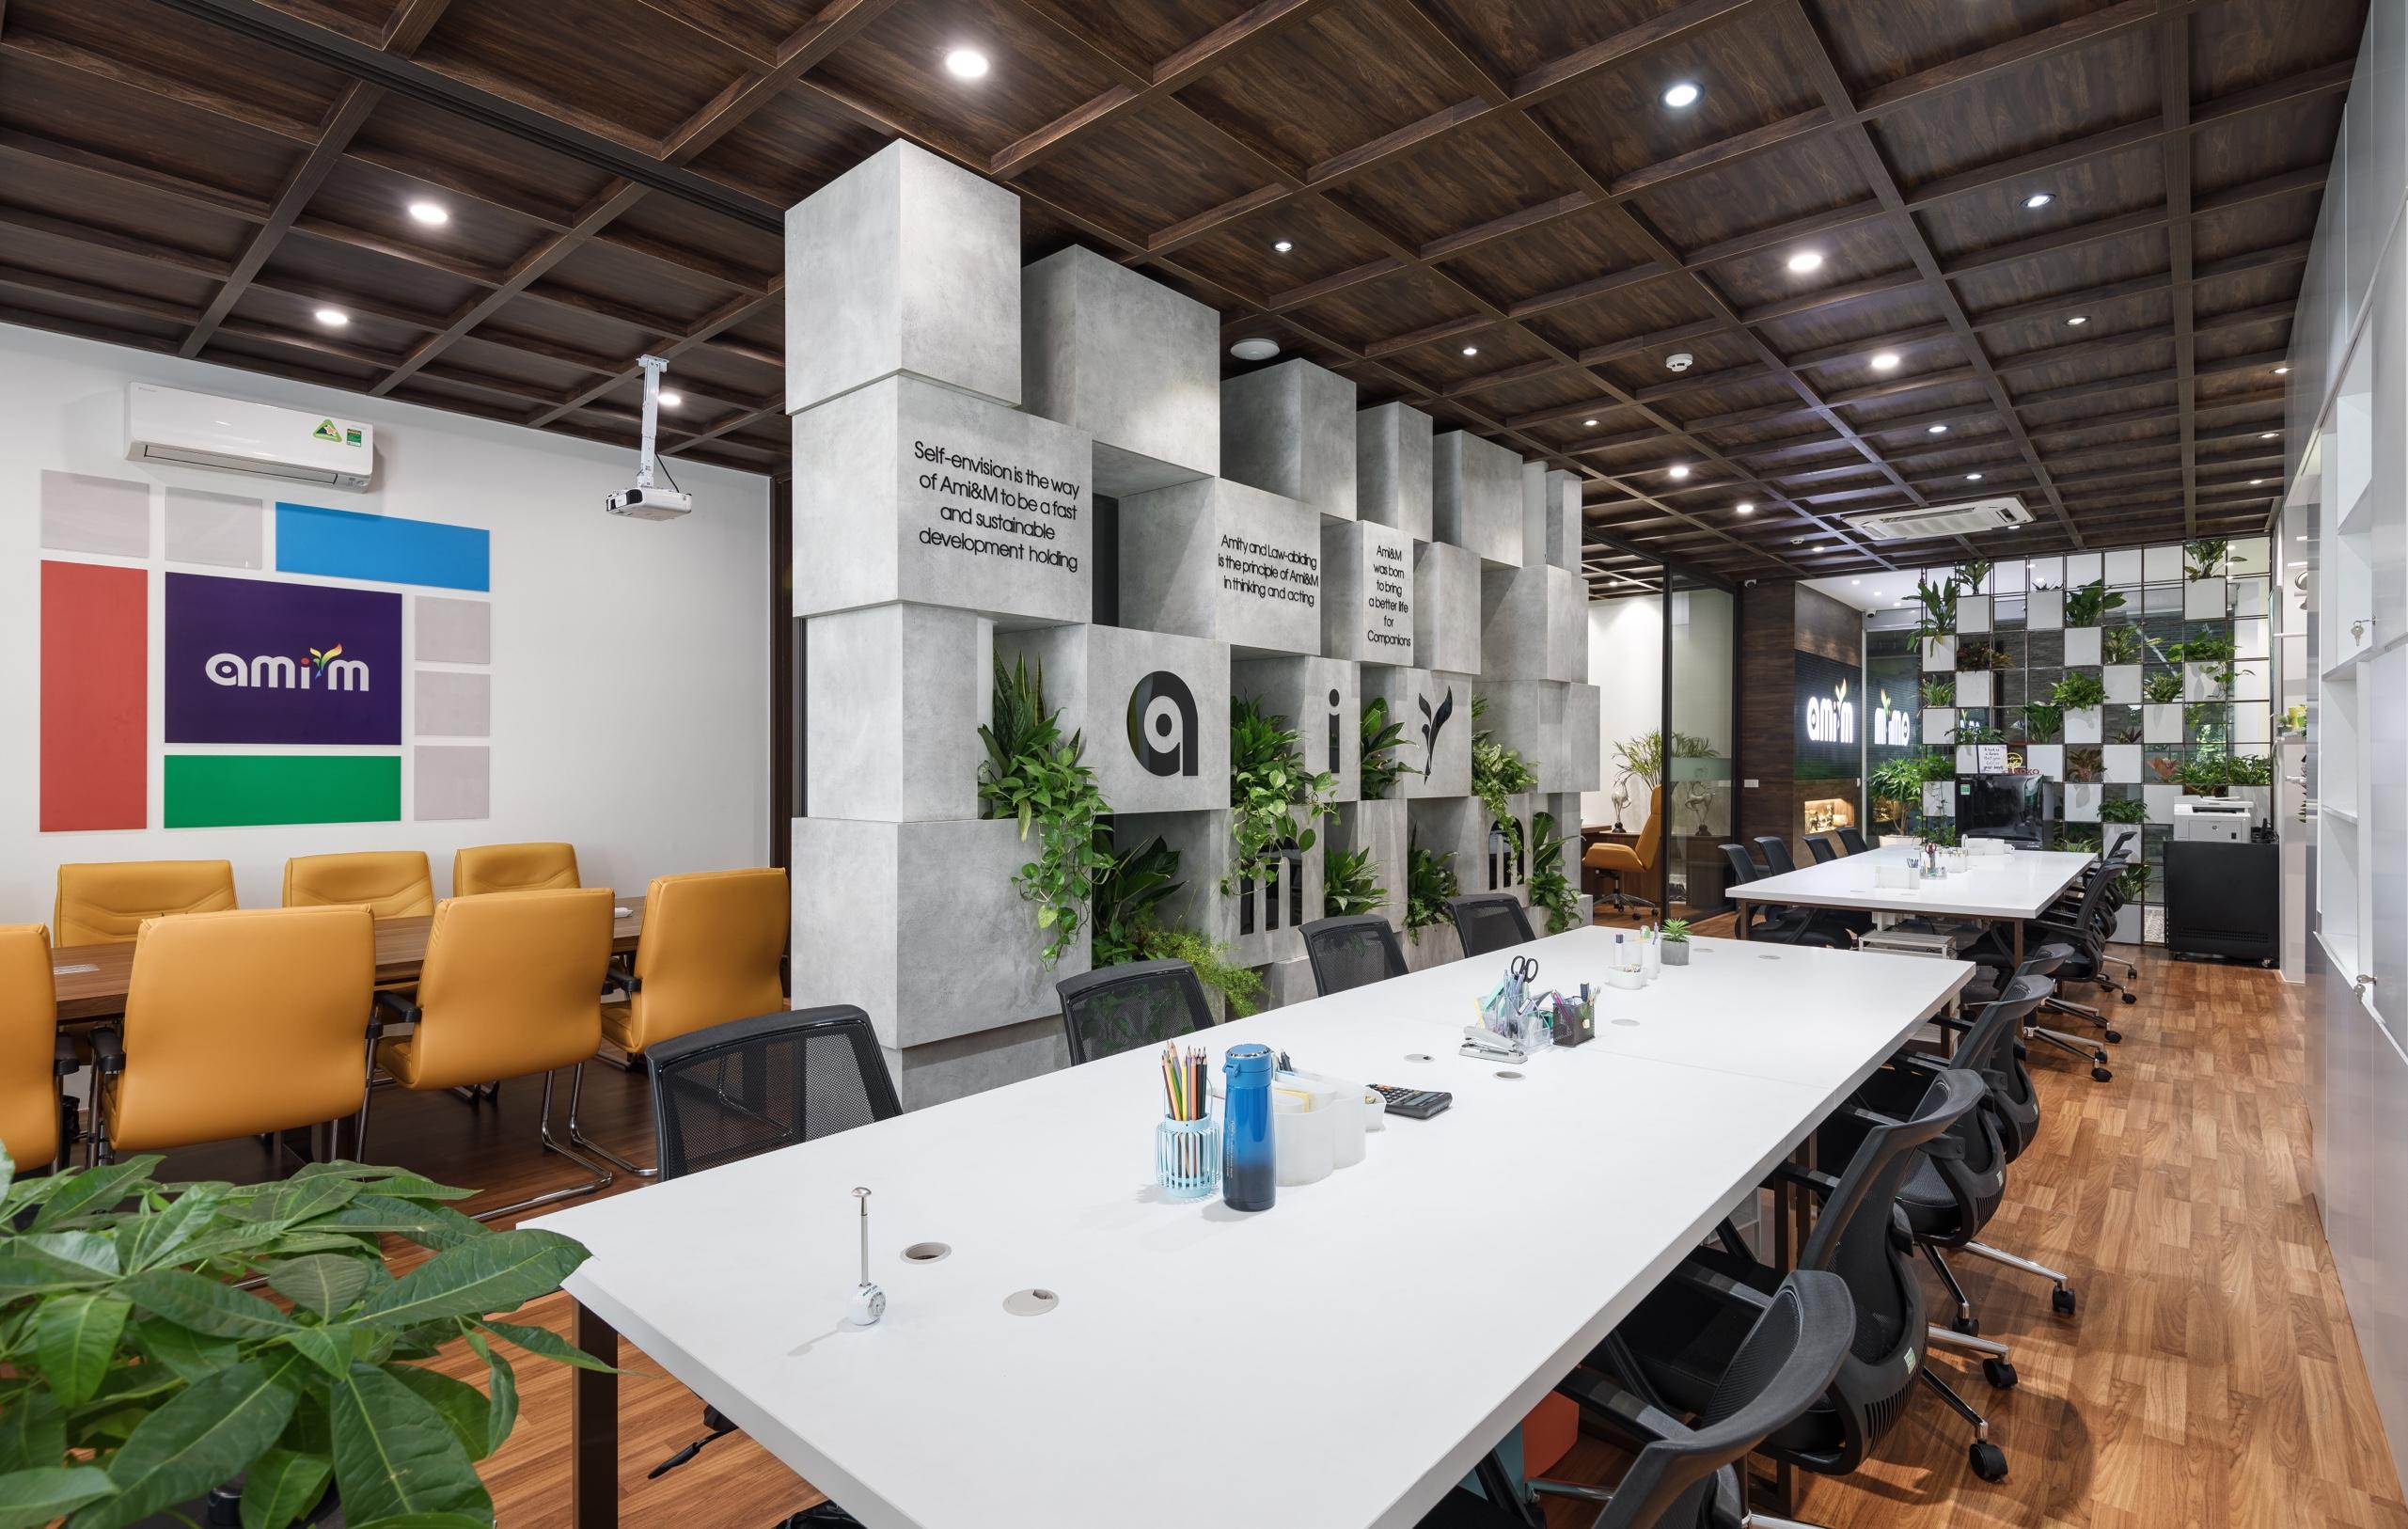 AMI&M Company Office